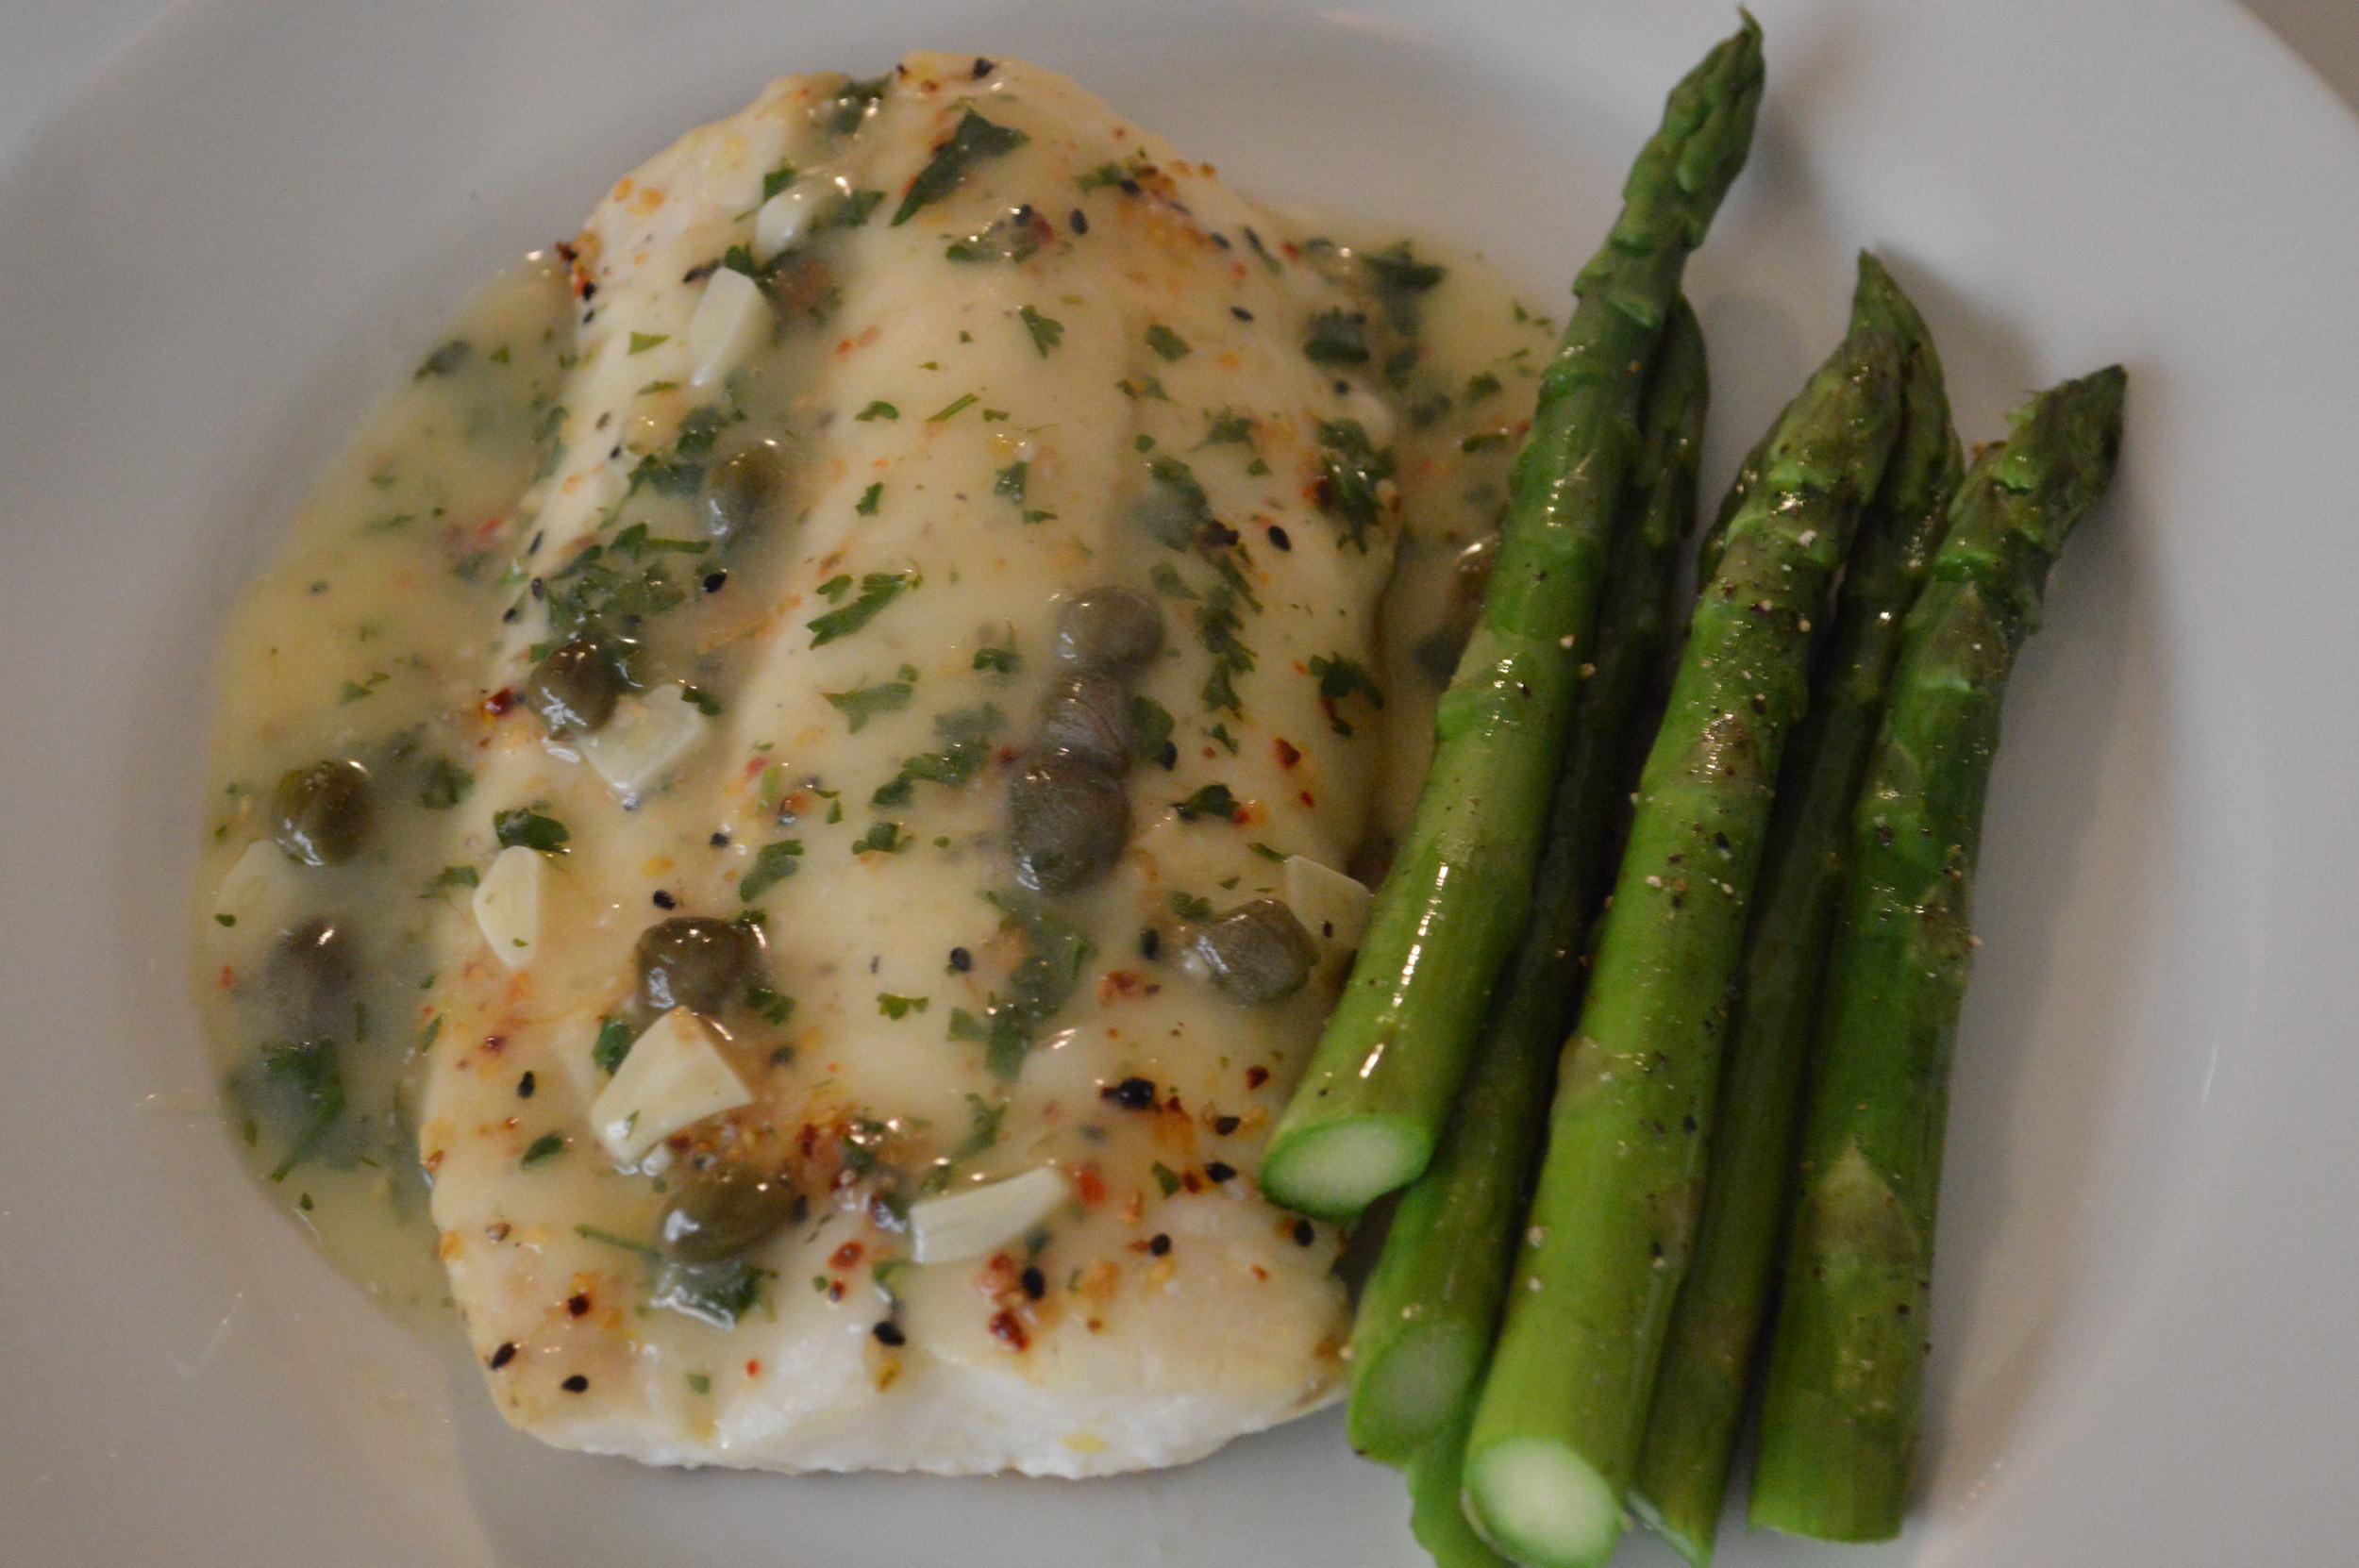 cod + asparagus